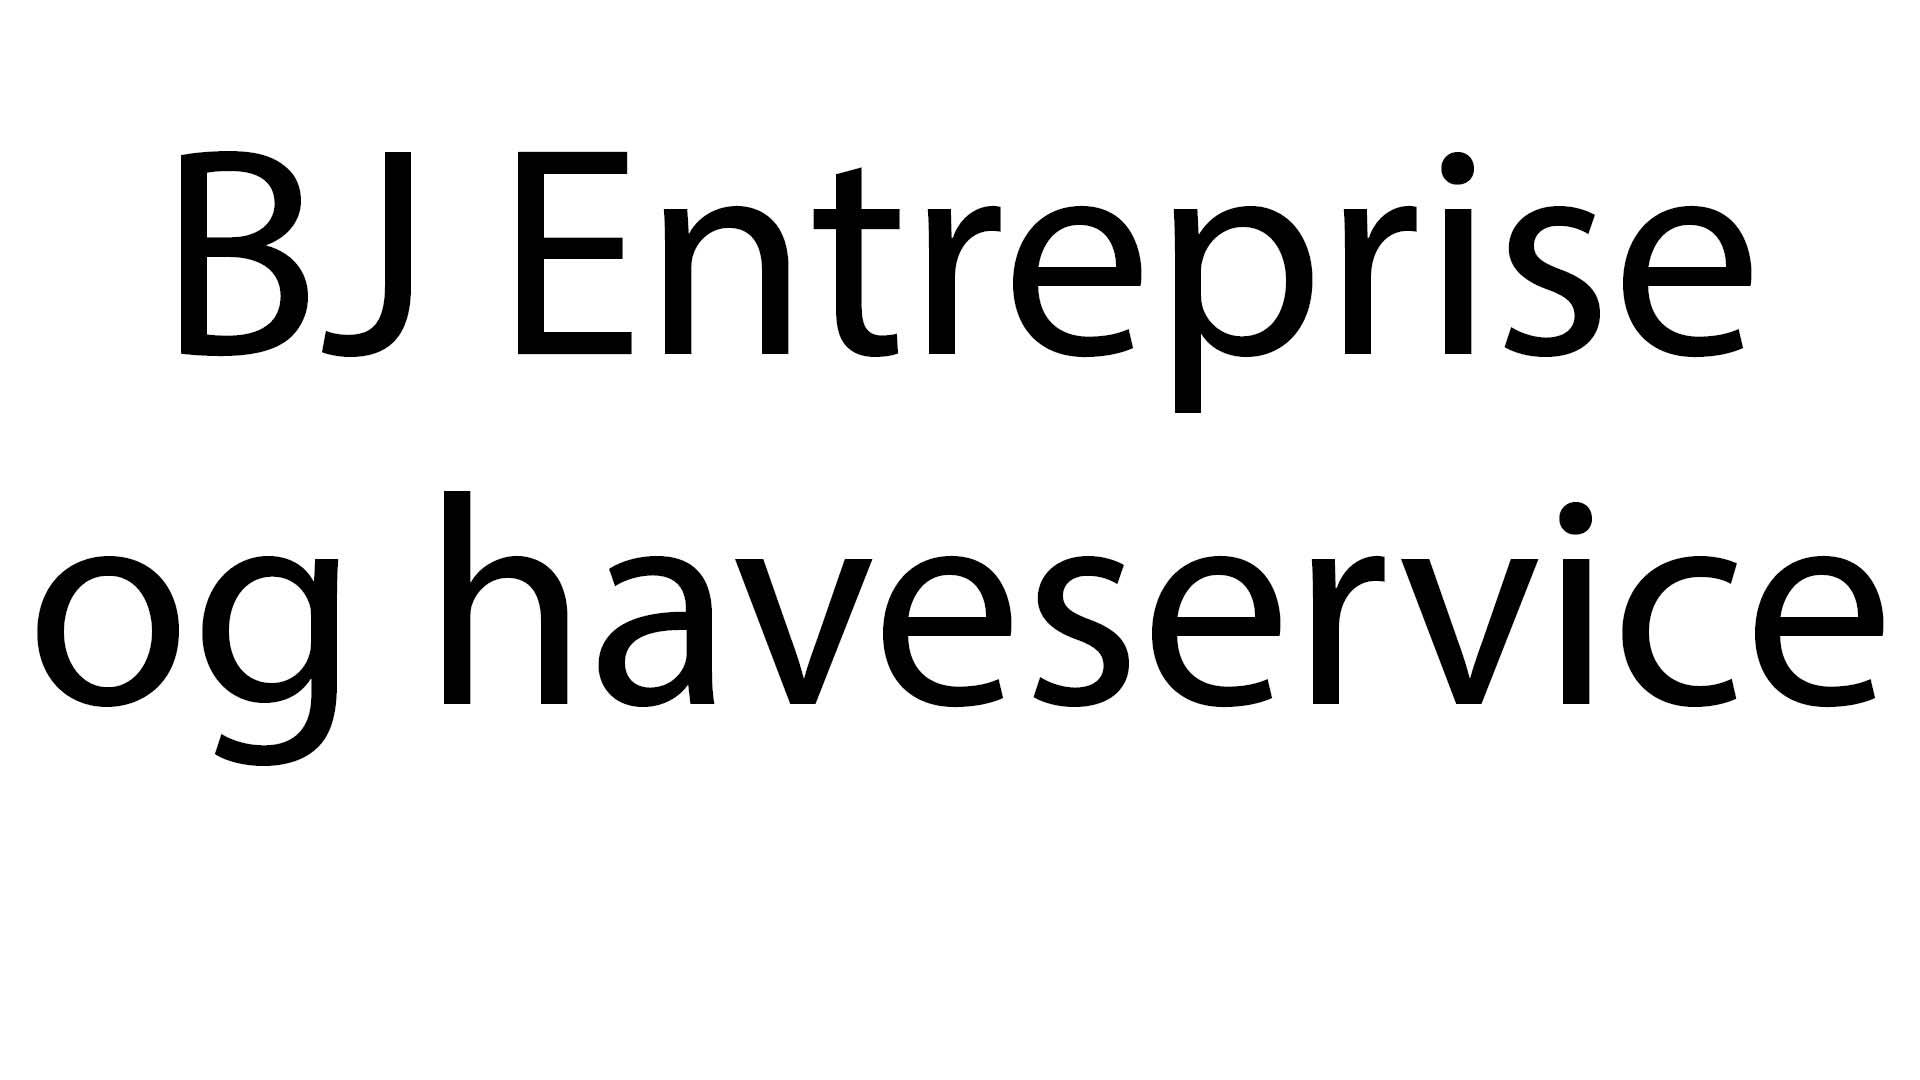 BJ entreprise og haveservice